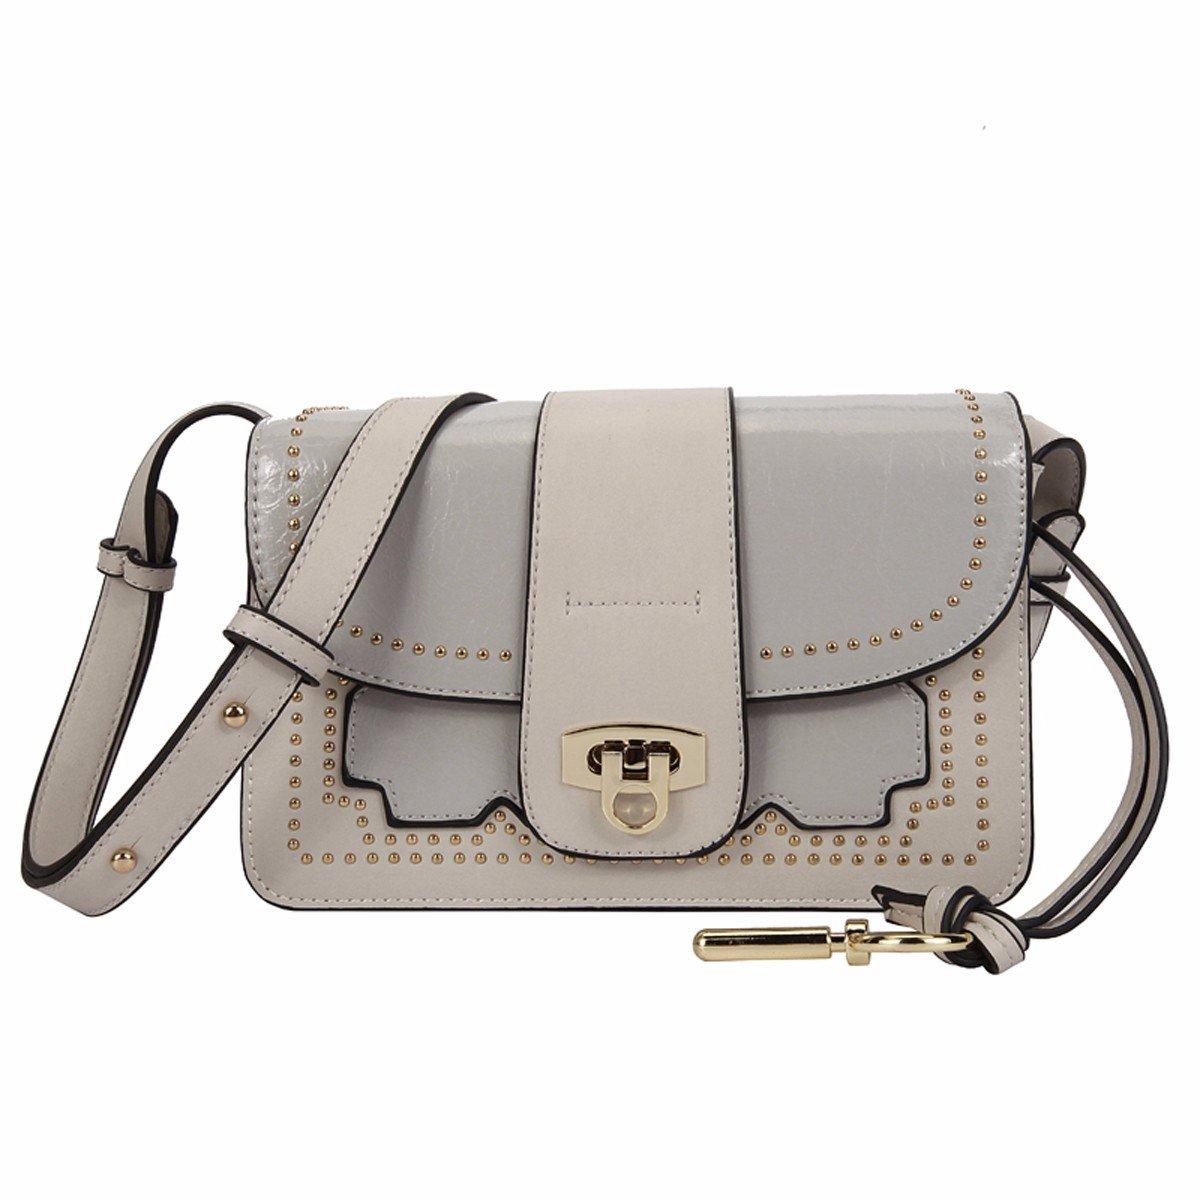 GTVERNH-der Frauen/Mode Handtasche/All-Match/Rivet persönlichkeit Paket Mode ranzen Schloss einheitlichen Schulter Platz Tasche